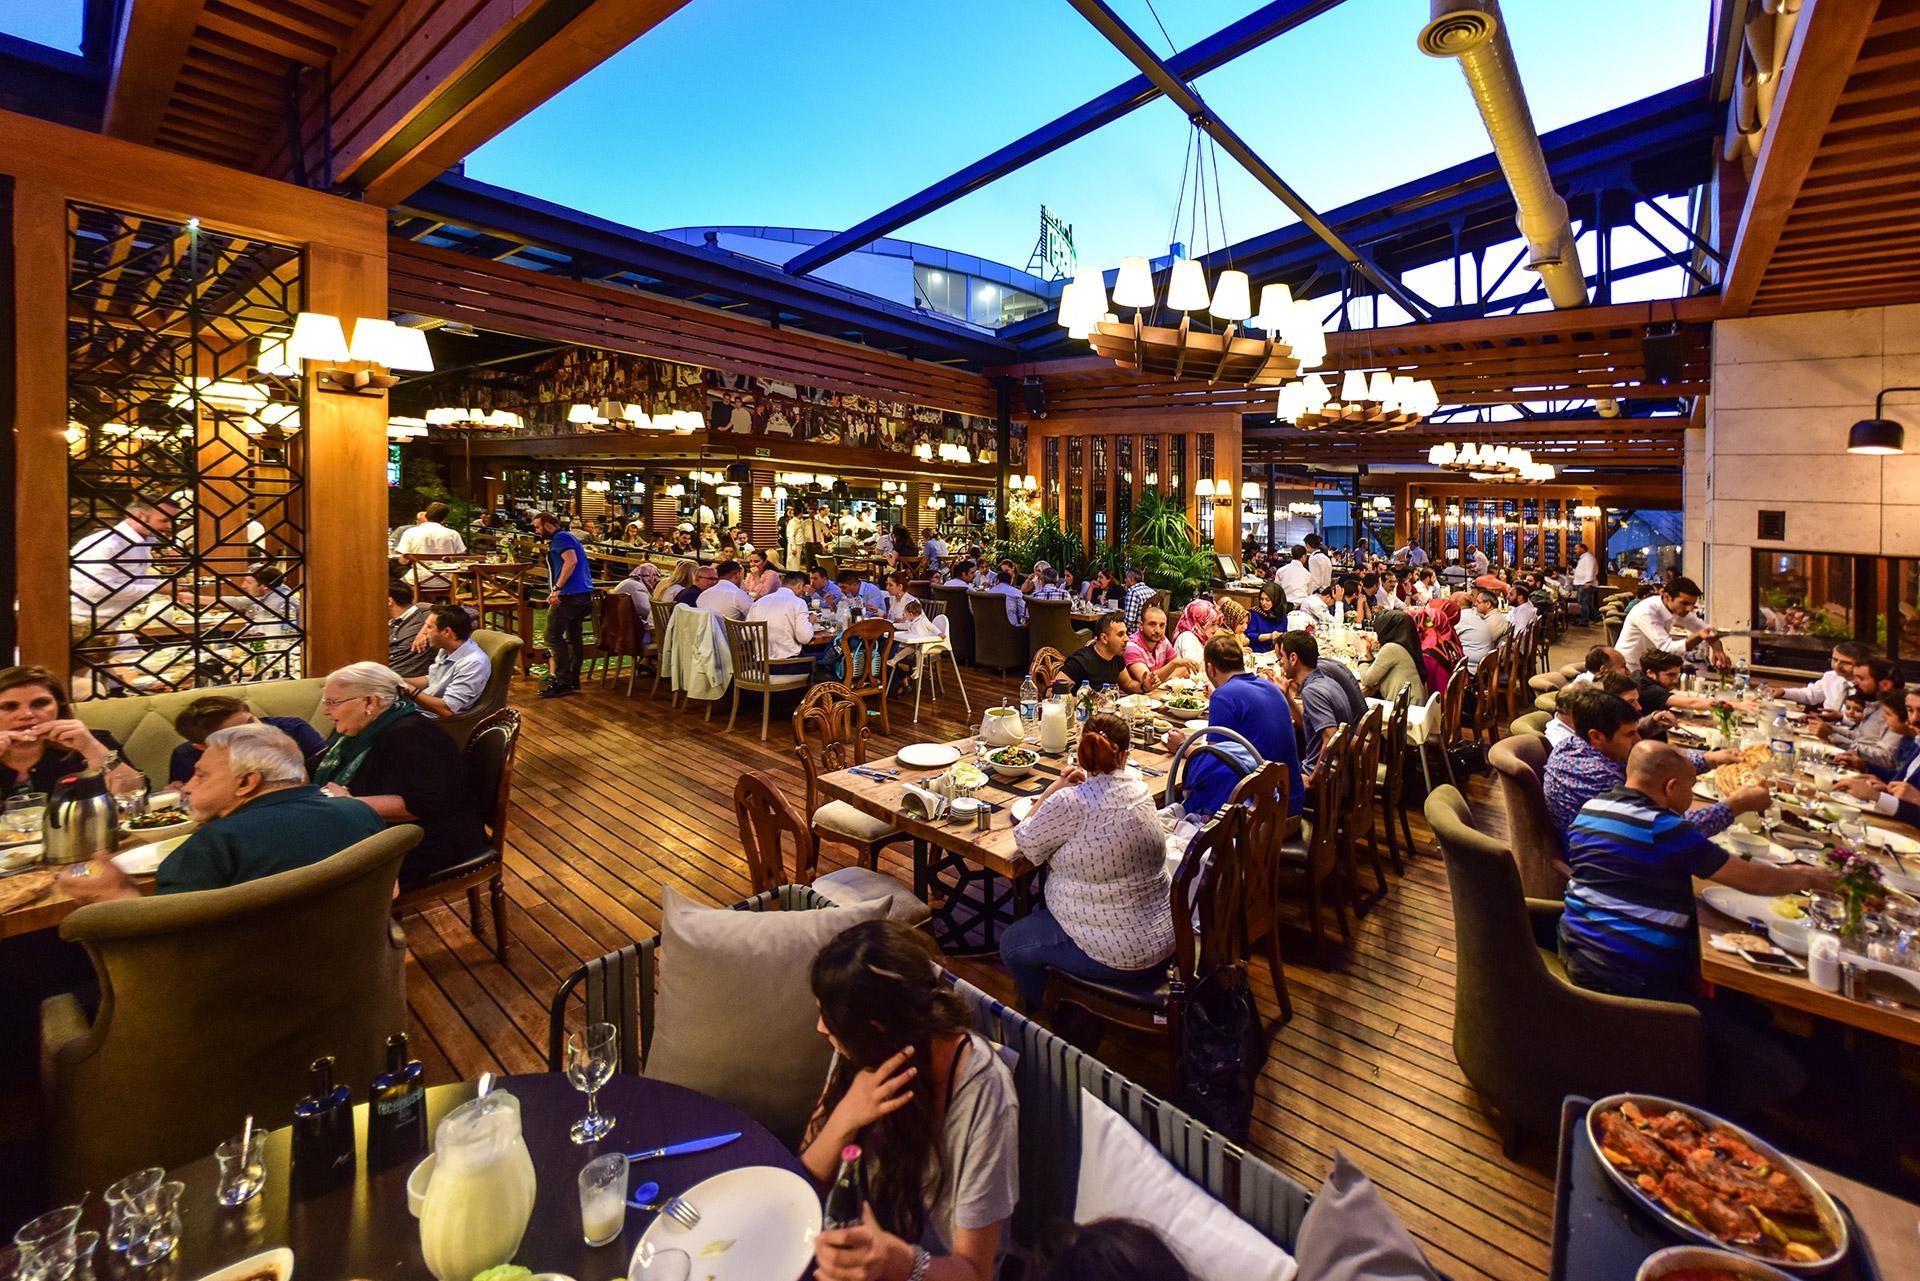 مطعم رجب اوسطا بورصه